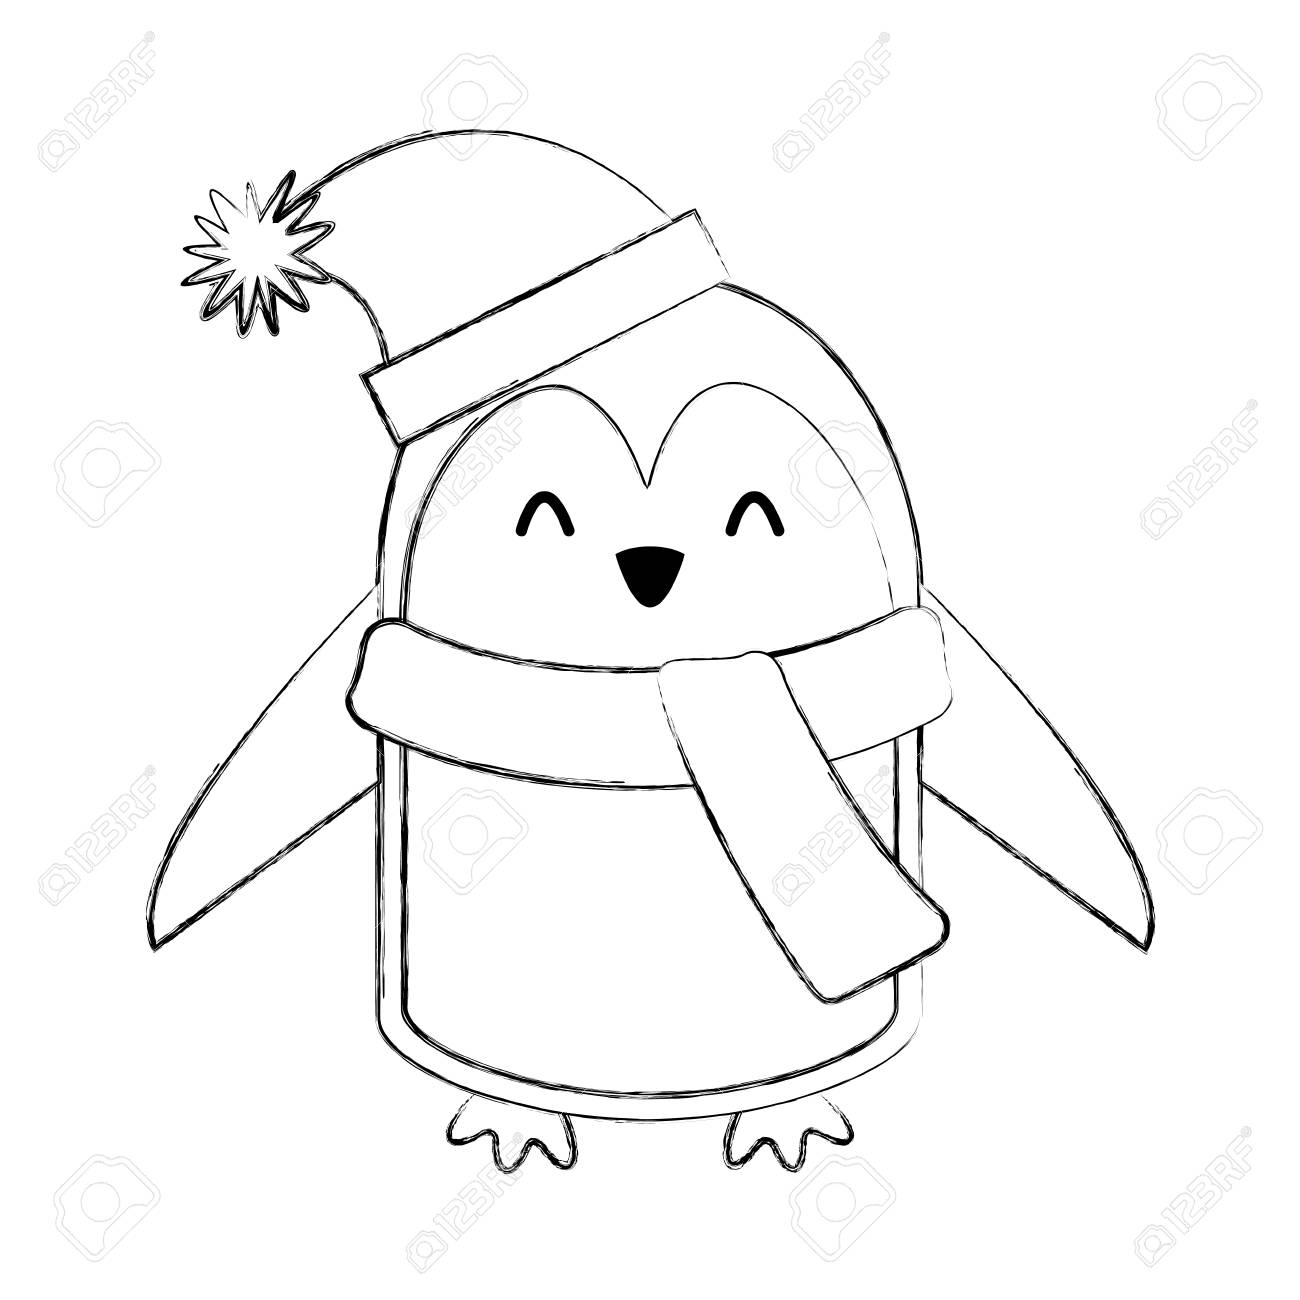 Icone De Ligne Mignonne Design De Dessin Anime De Pingouin De Noel Clip Art Libres De Droits Vecteurs Et Illustration Image 79192609